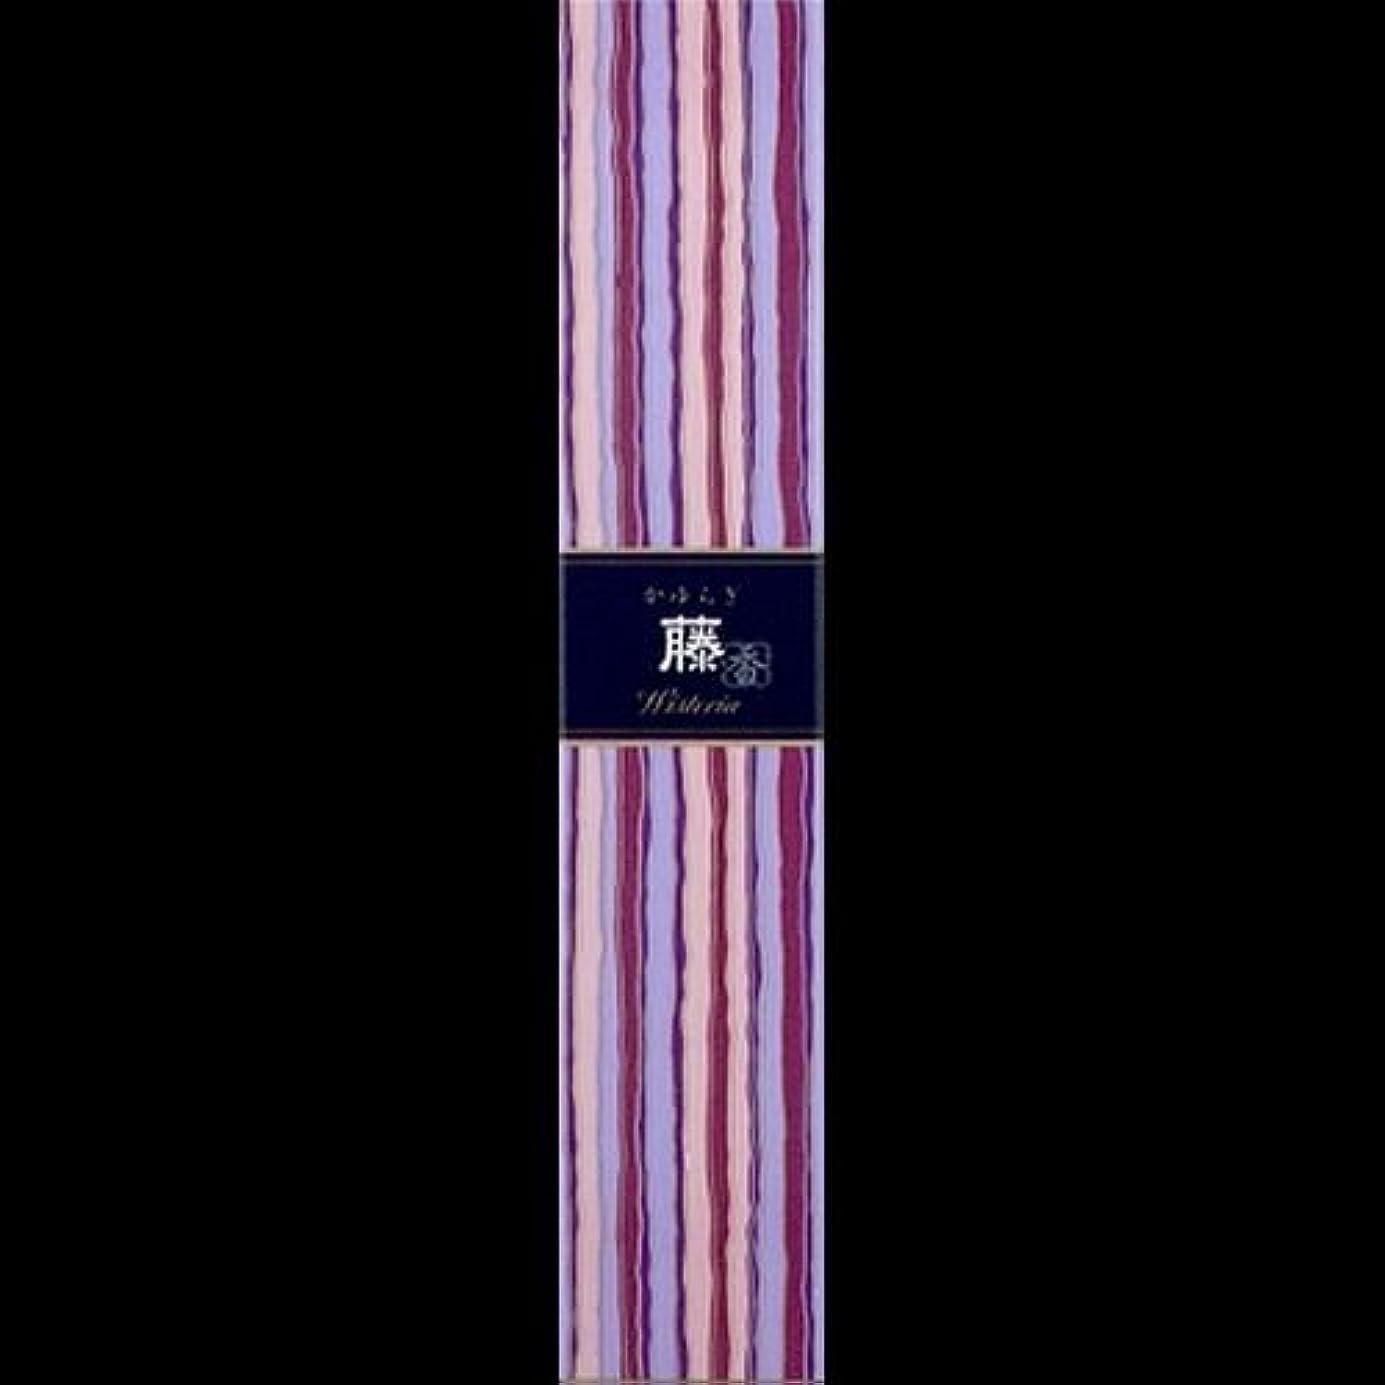 パン病な相対性理論【まとめ買い】かゆらぎ 藤(ふじ) ×2セット